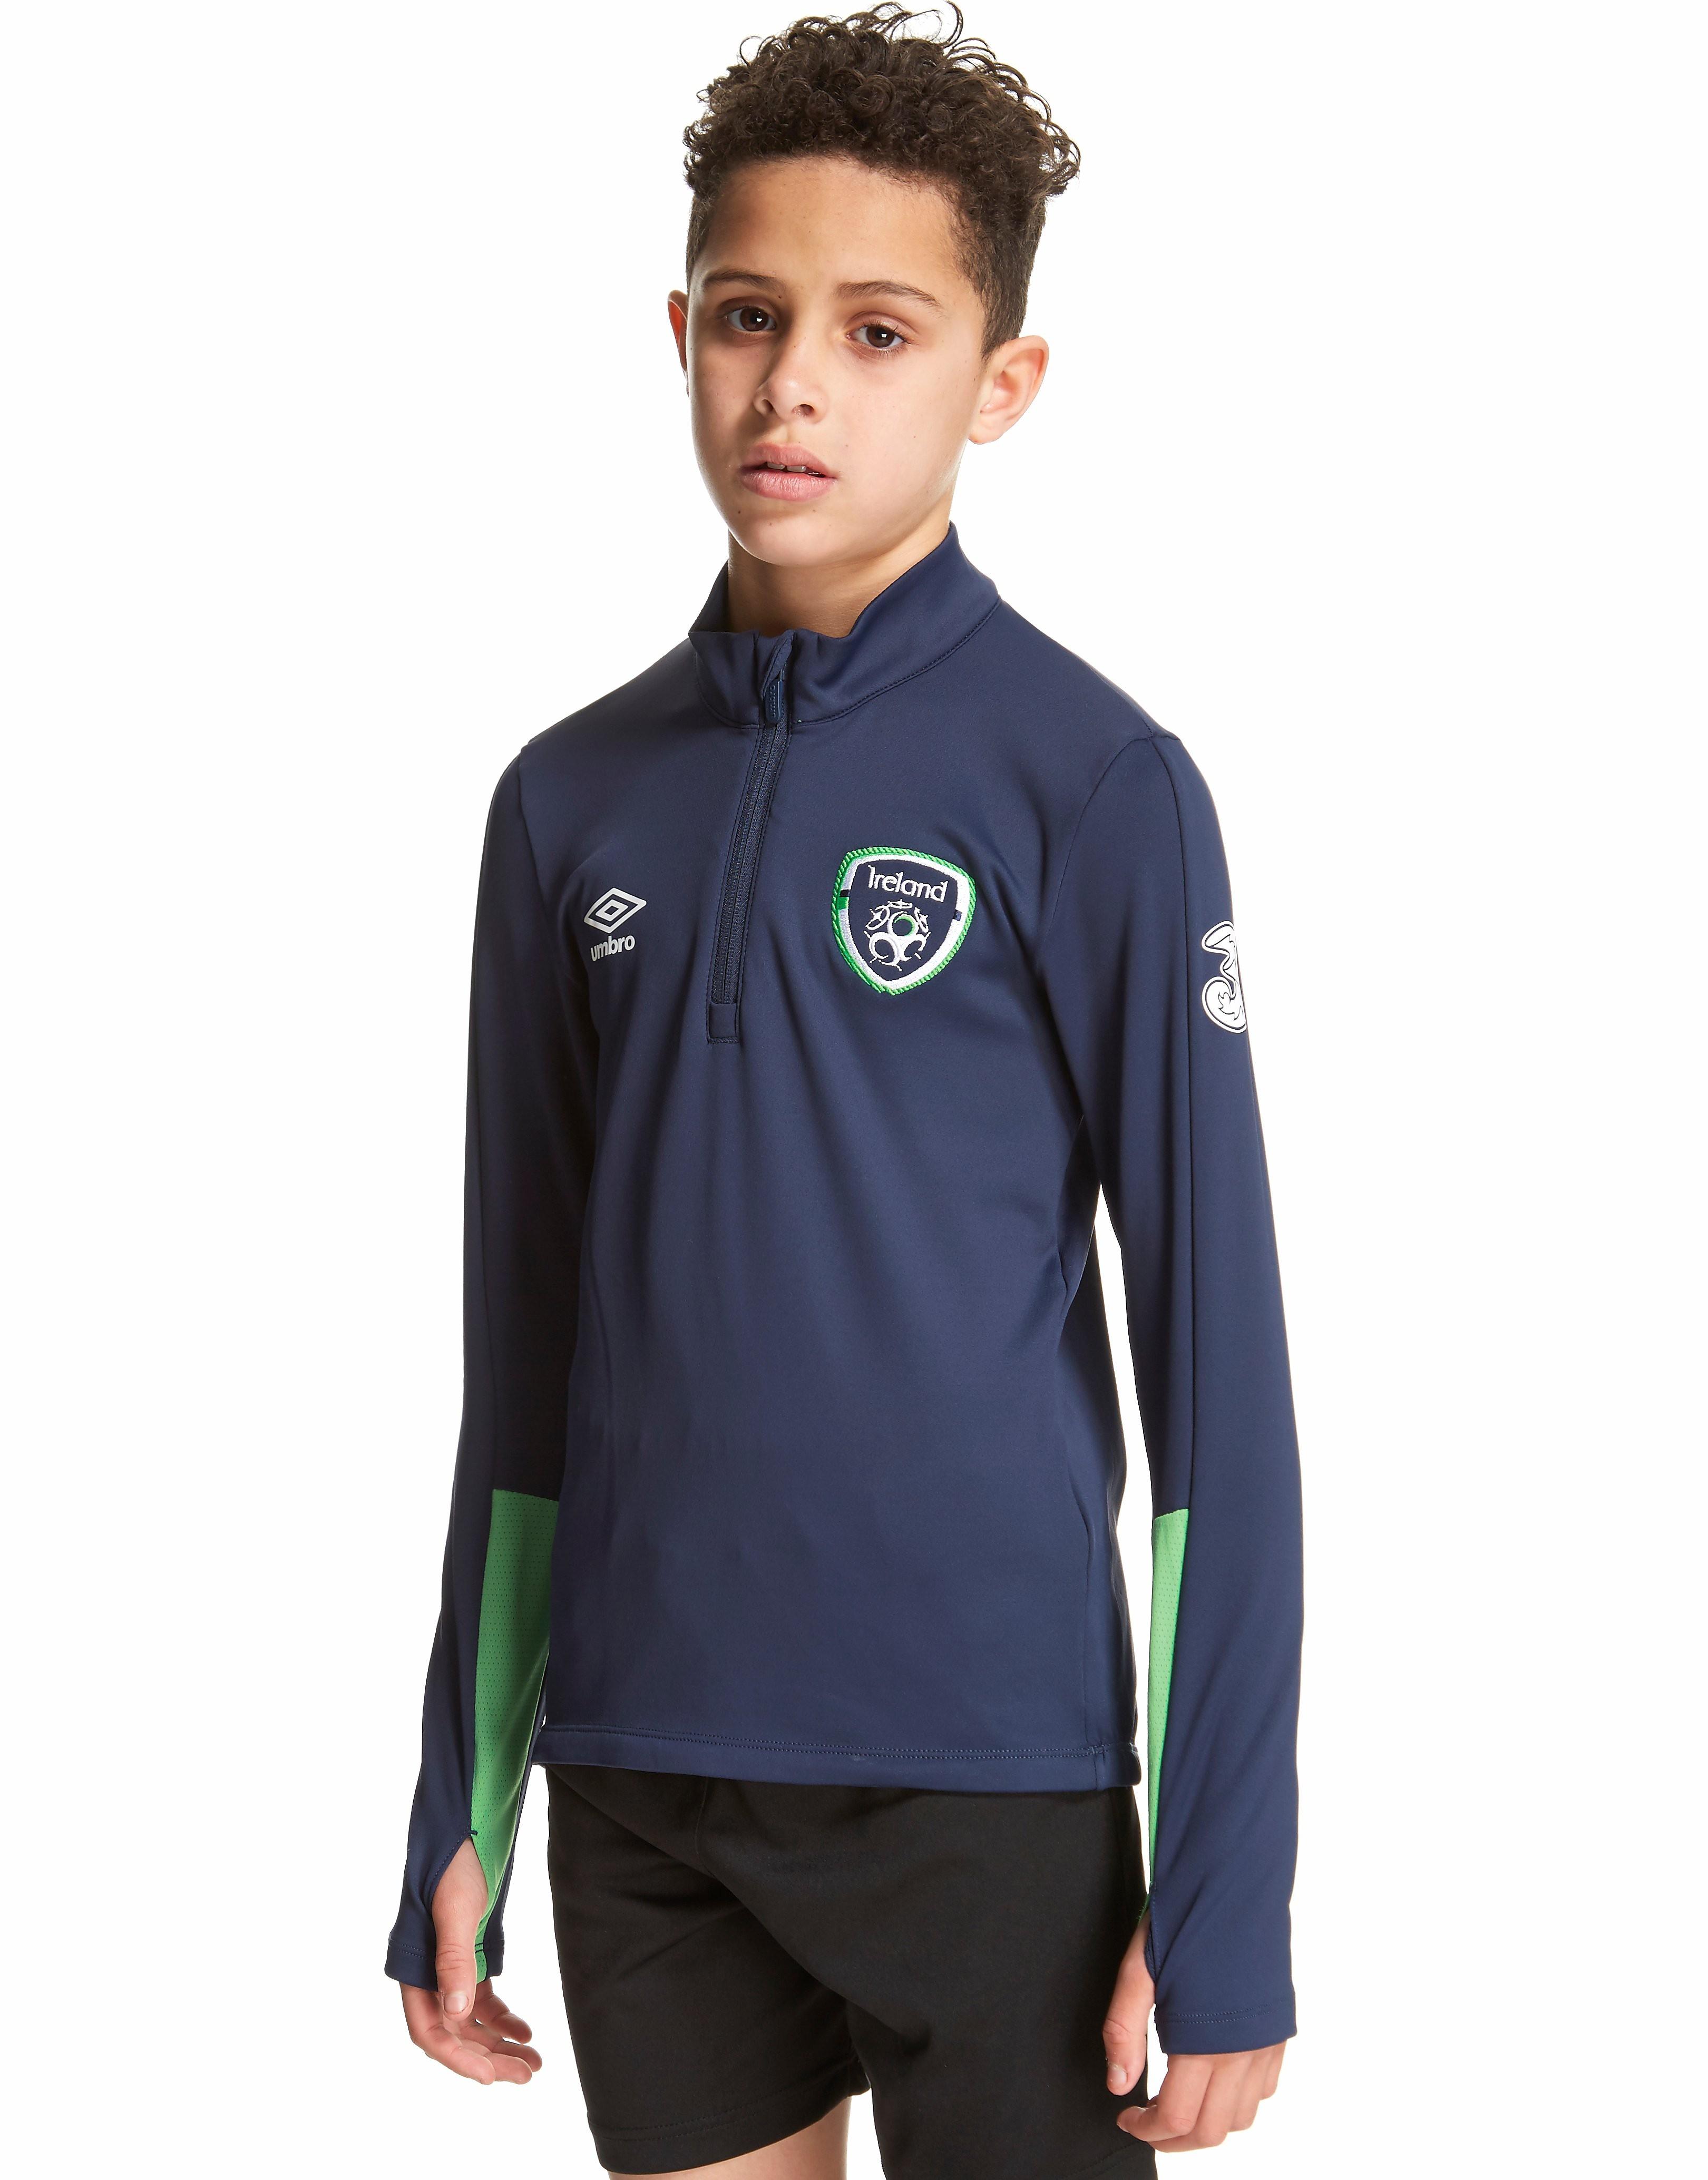 Umbro Republic of Ireland Half Zip Top Junior